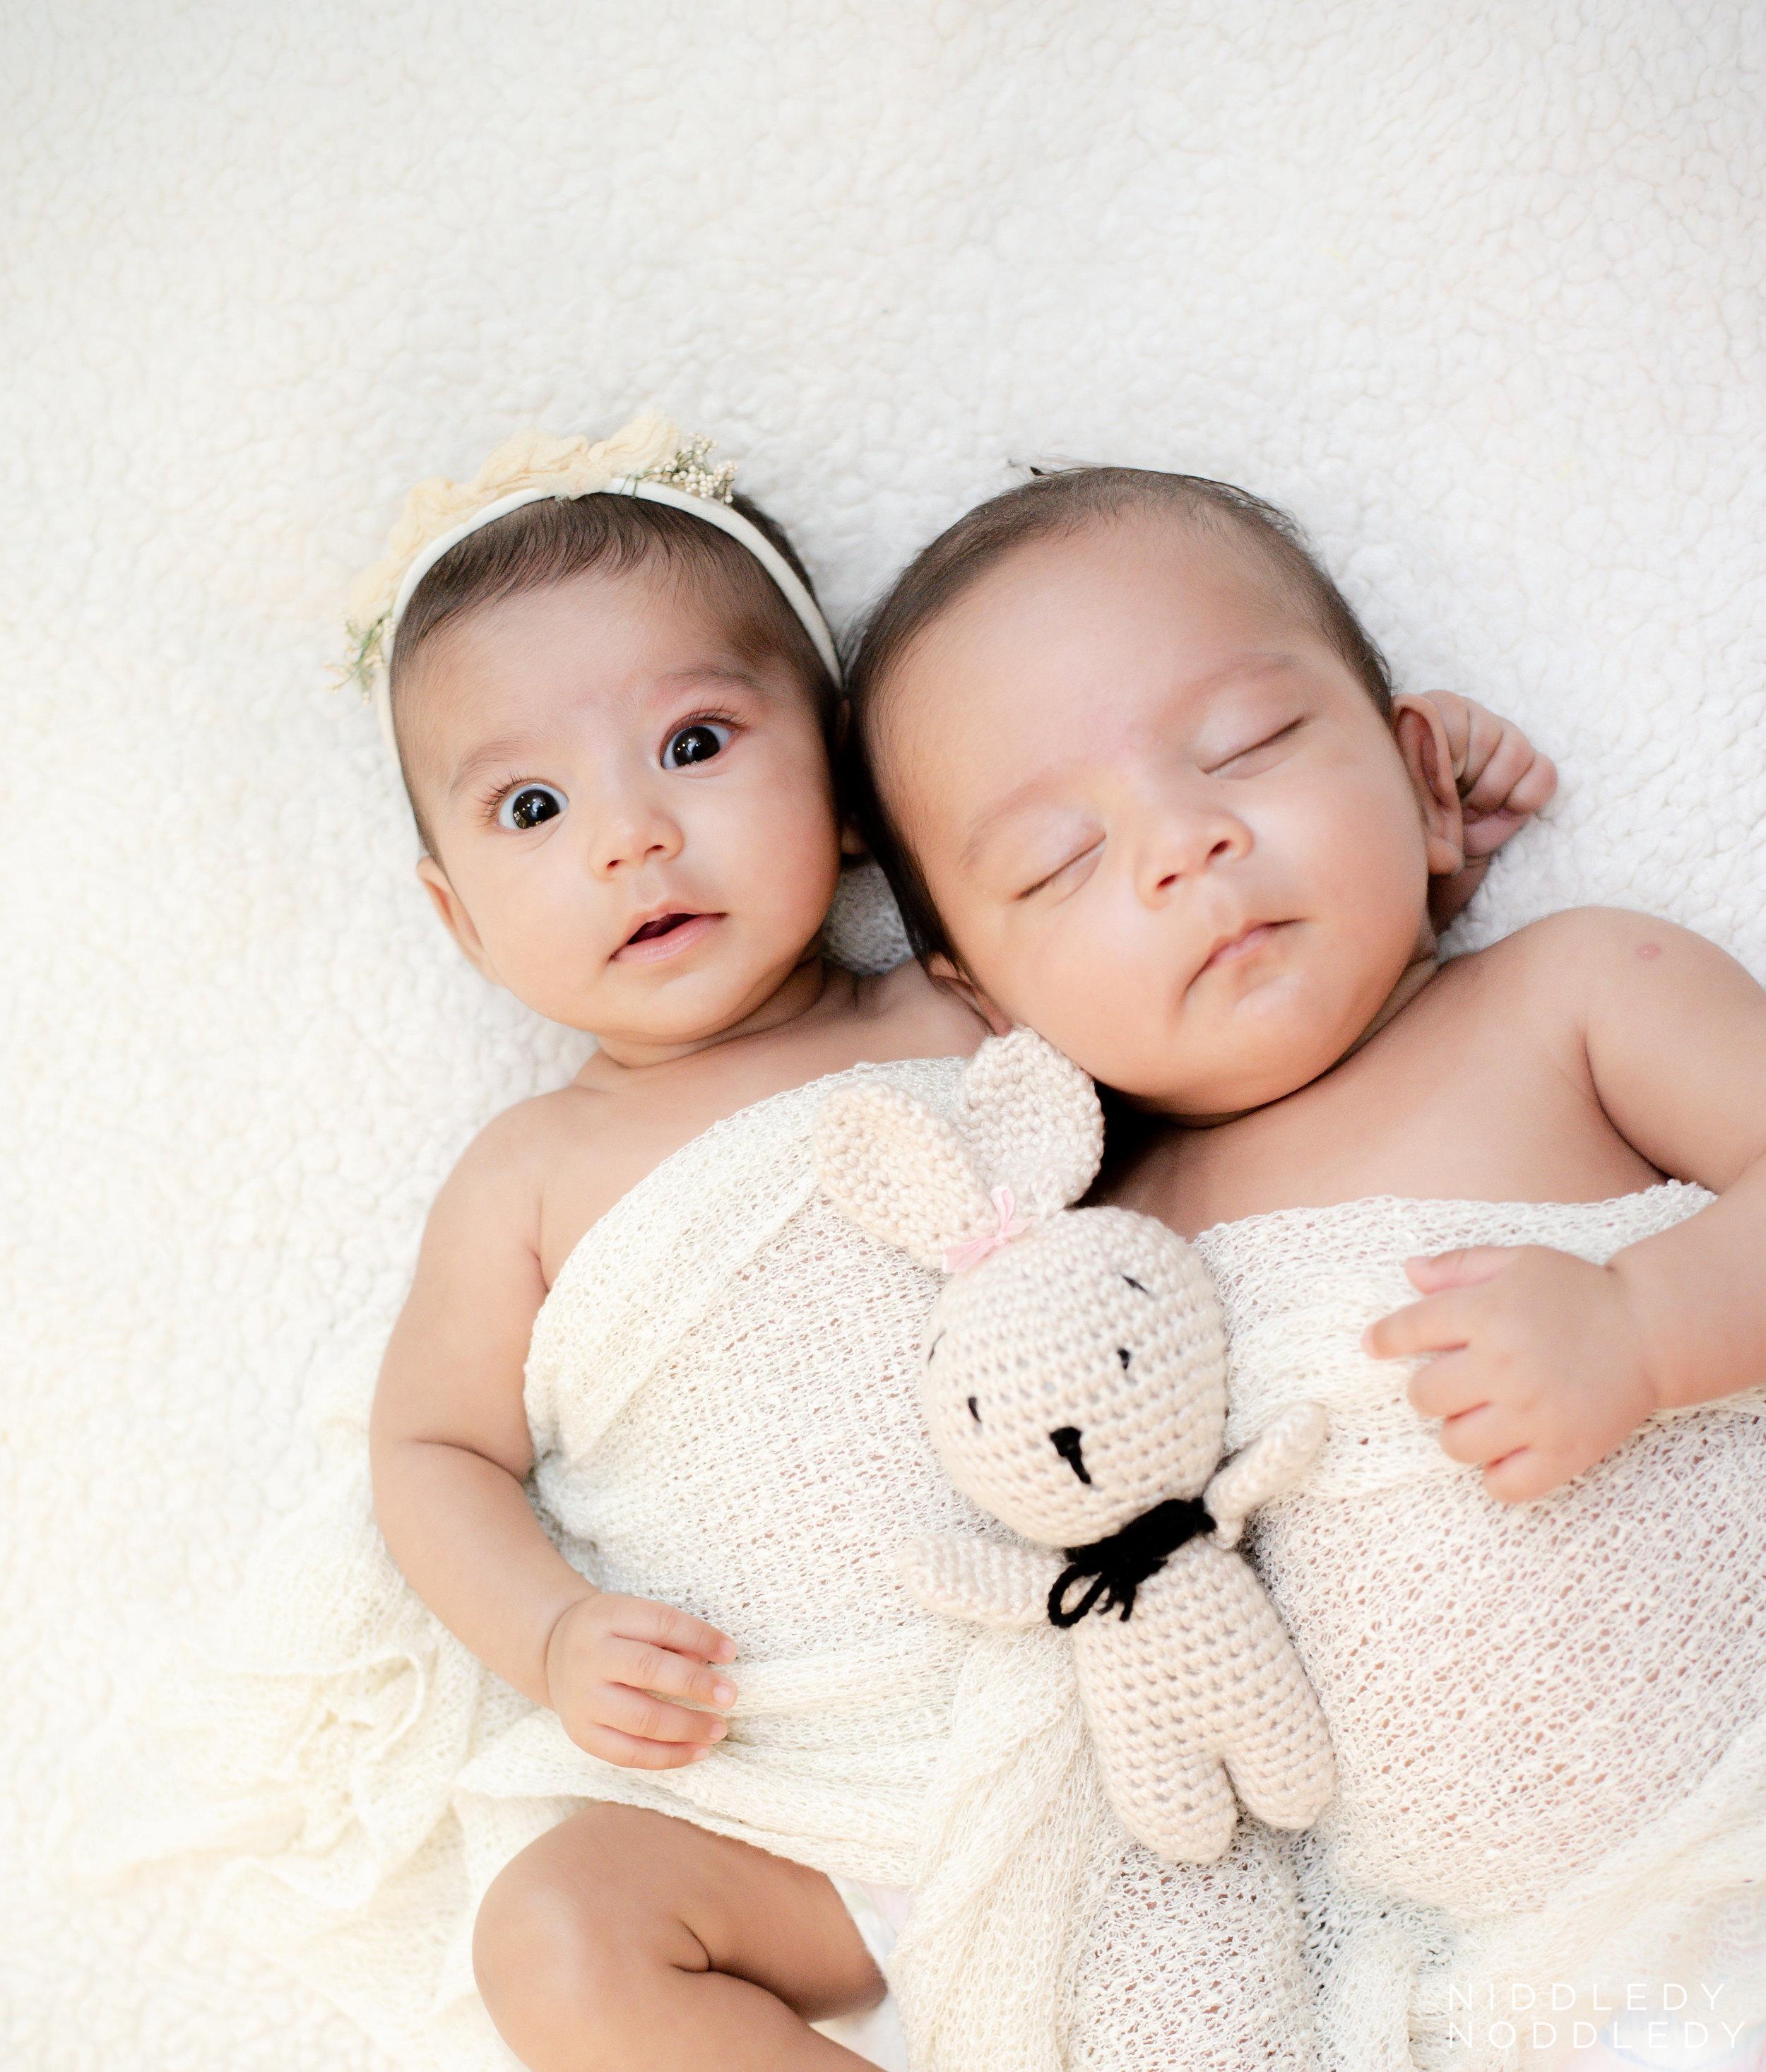 Kavya-Krishav Newborn Photoshoot ❤ NiddledyNoddledy.com ~ Bumps to Babies Photography, Kolkata - 12.jpg